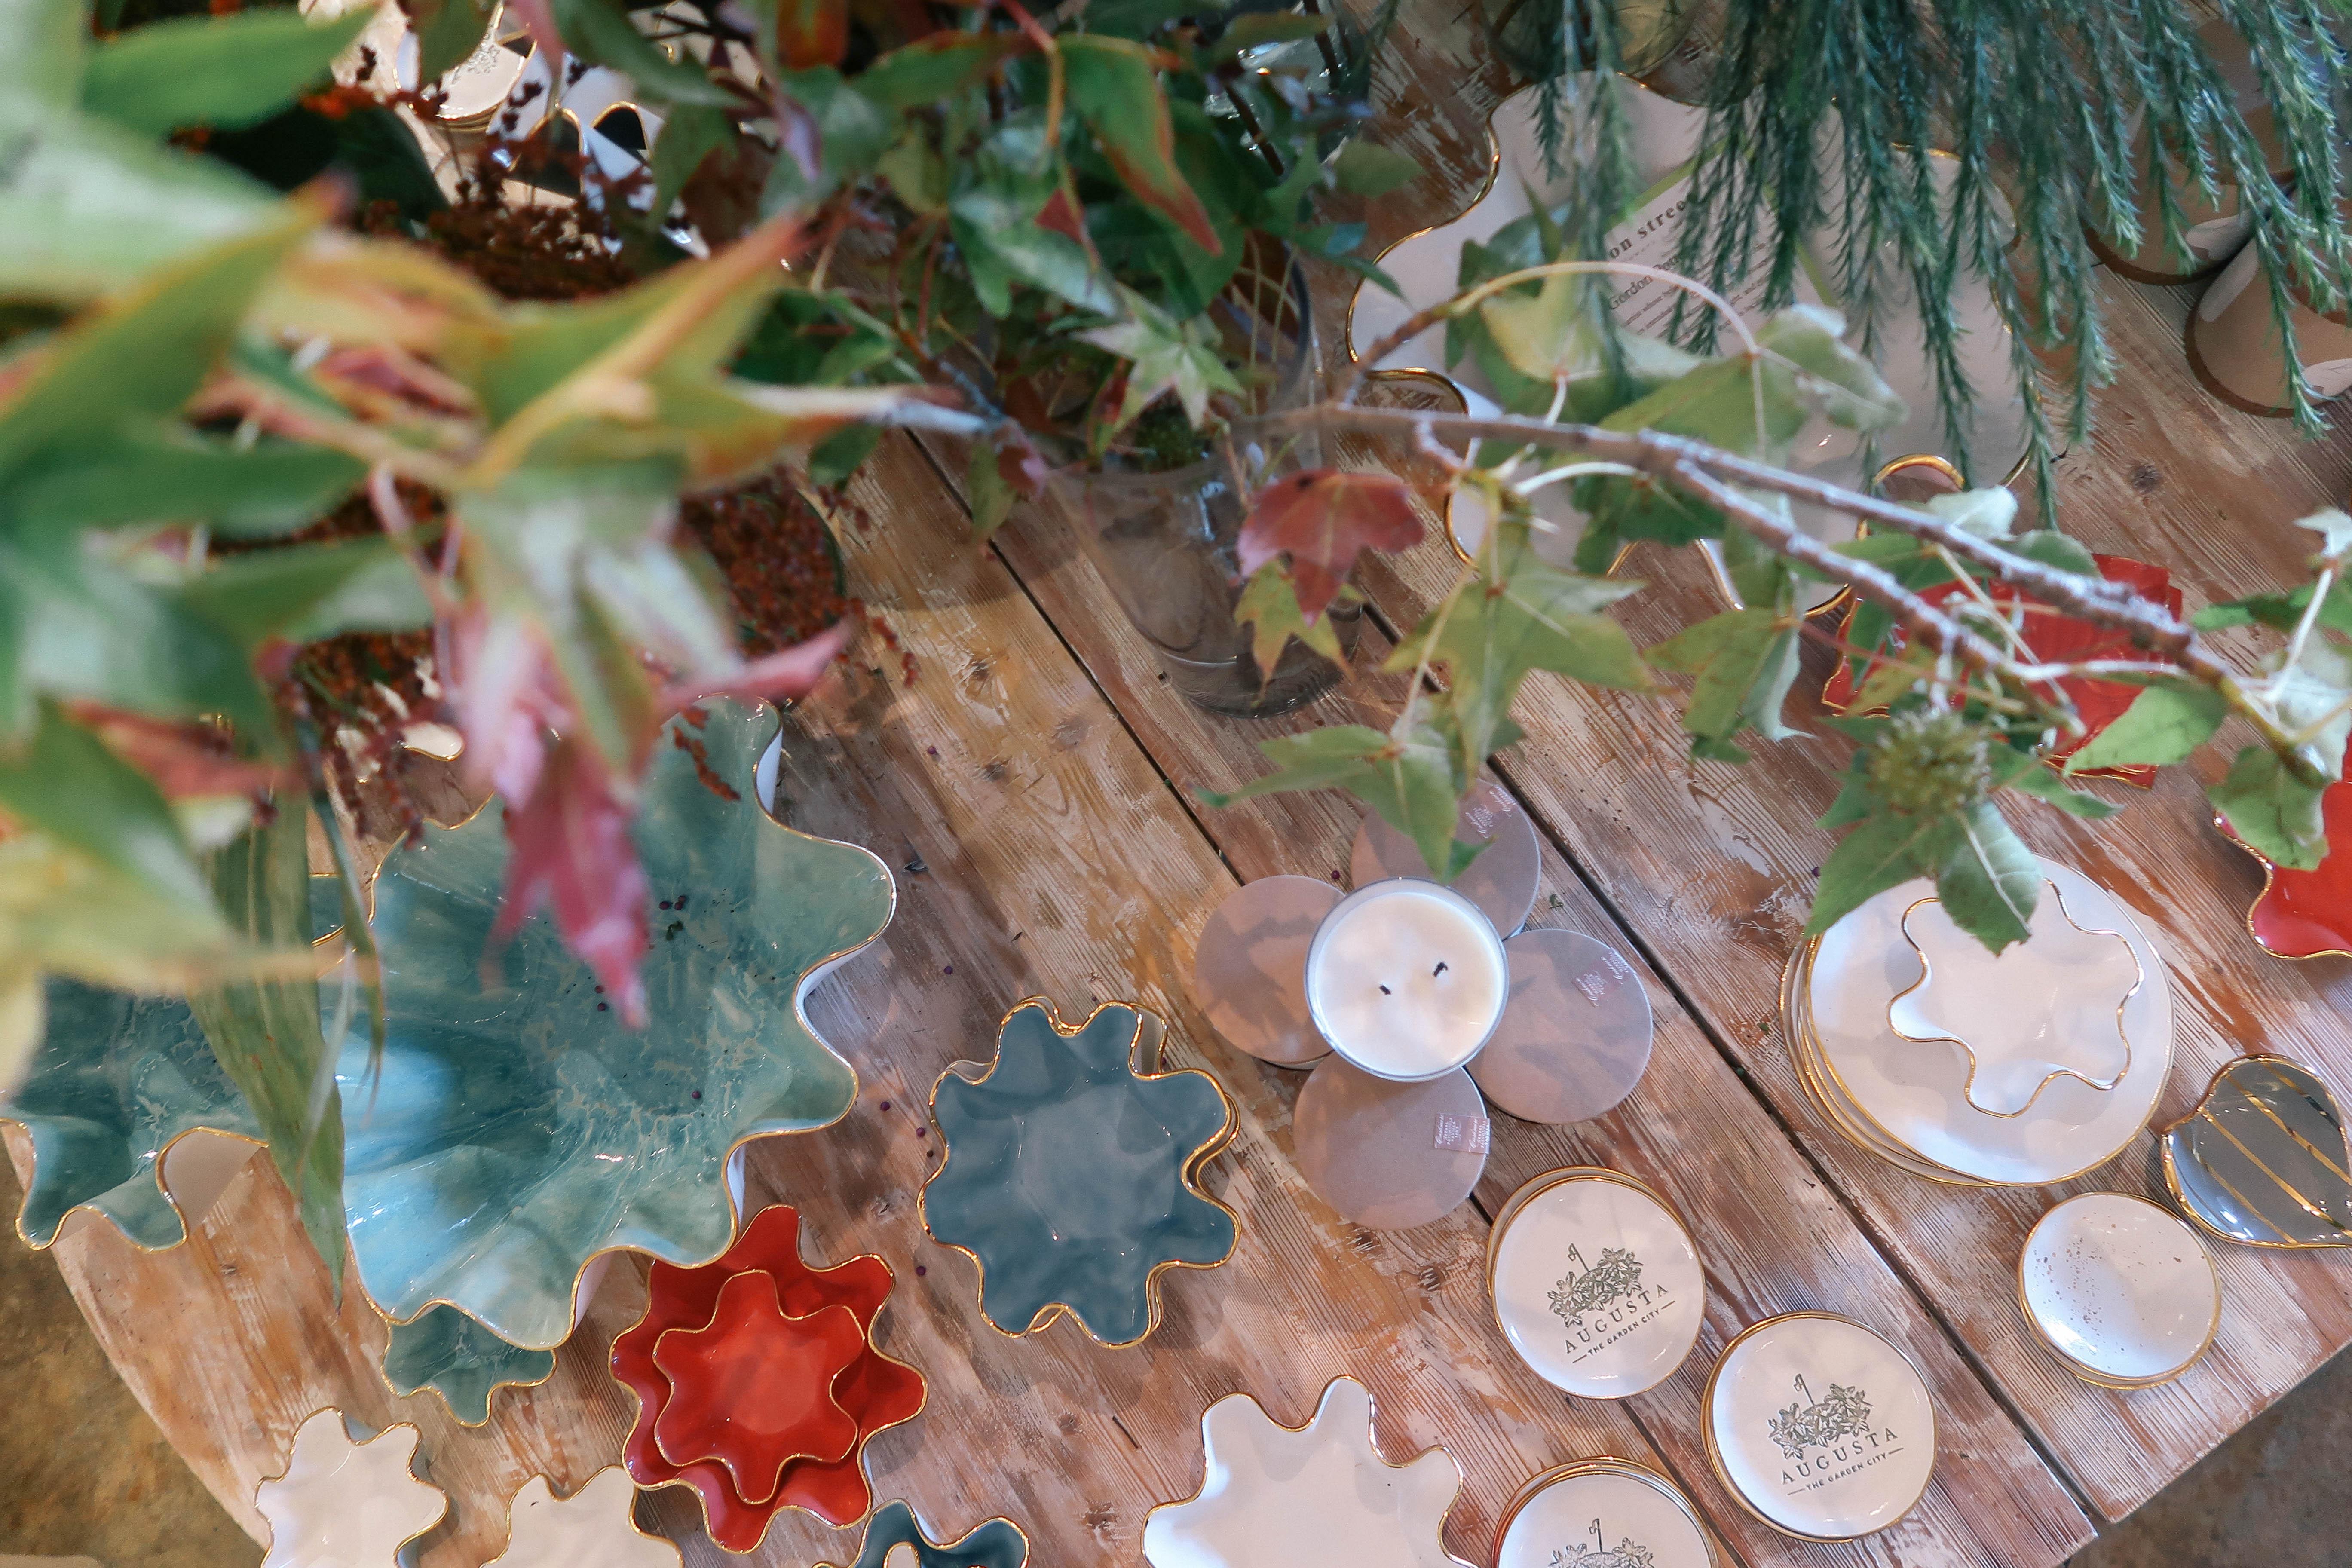 charleston-street-florist-augusta-ga